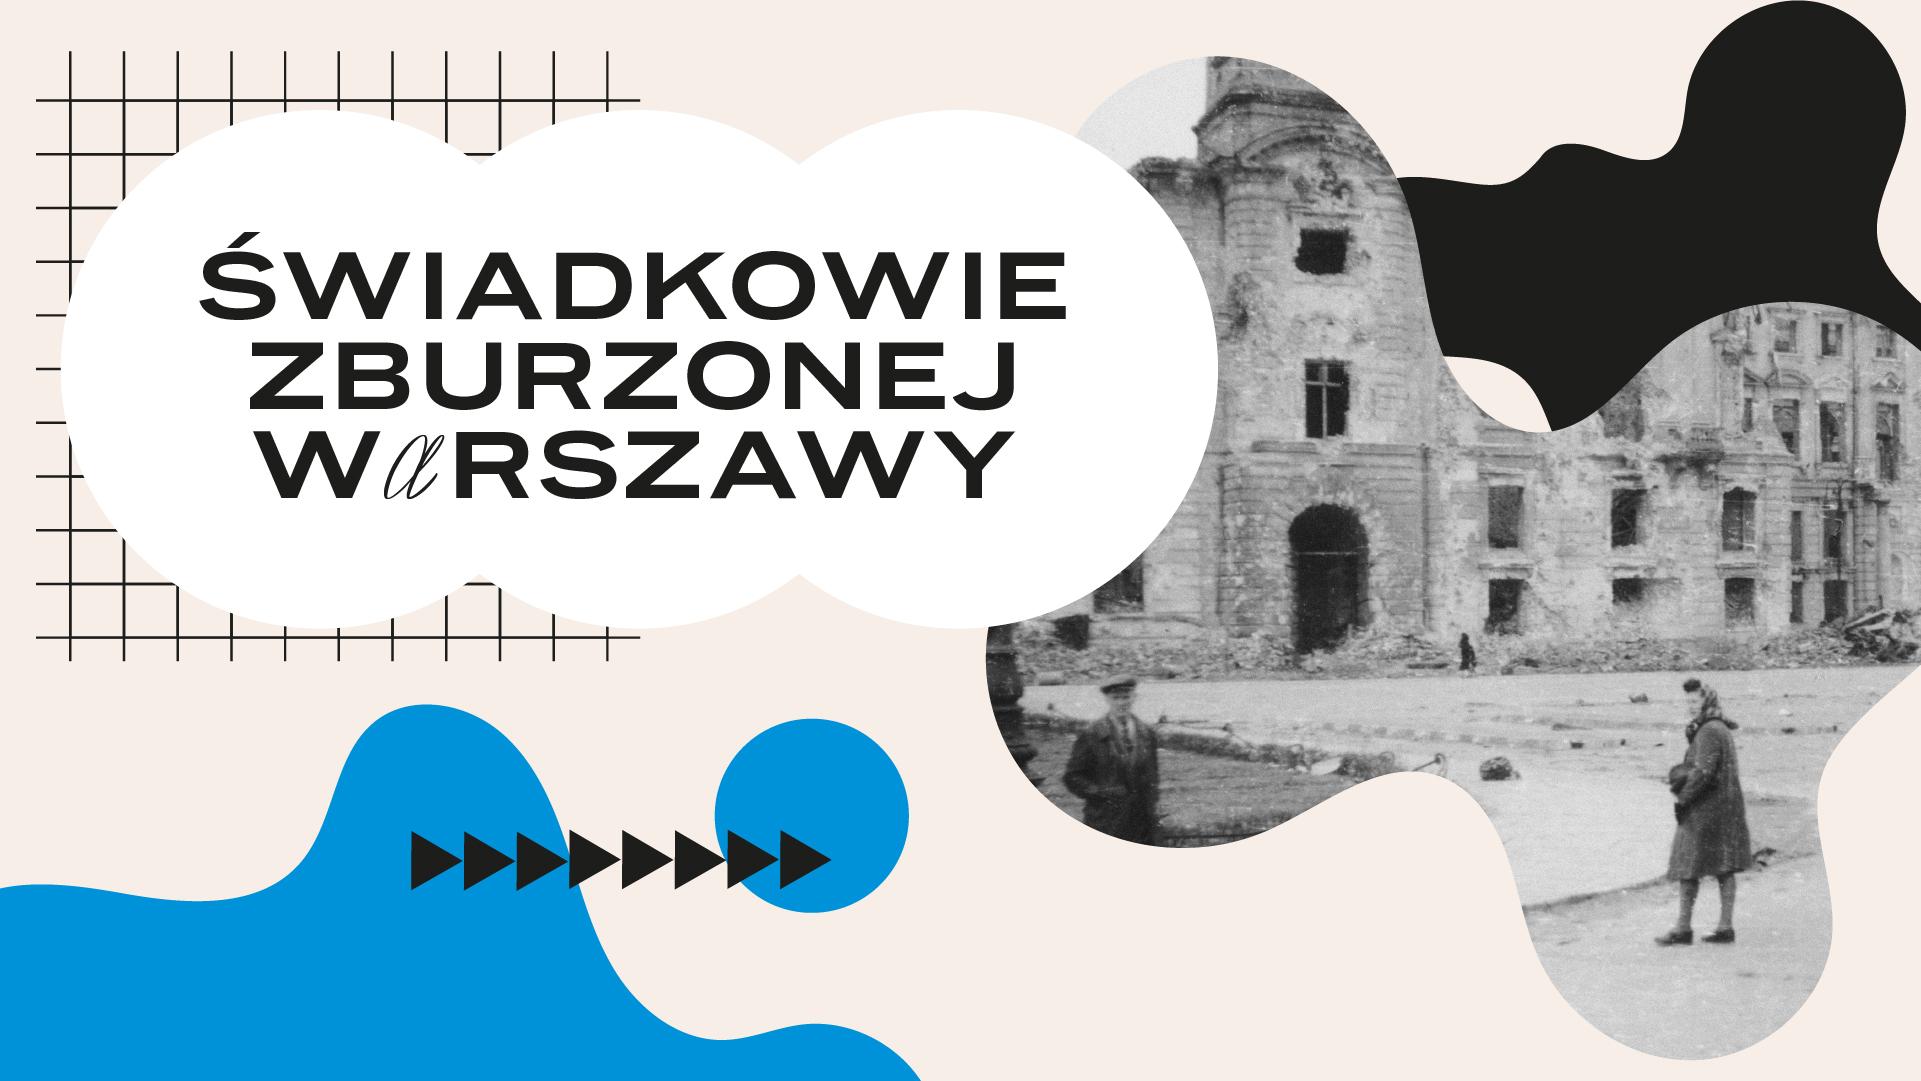 Świadkowie zburzonej Warszawy